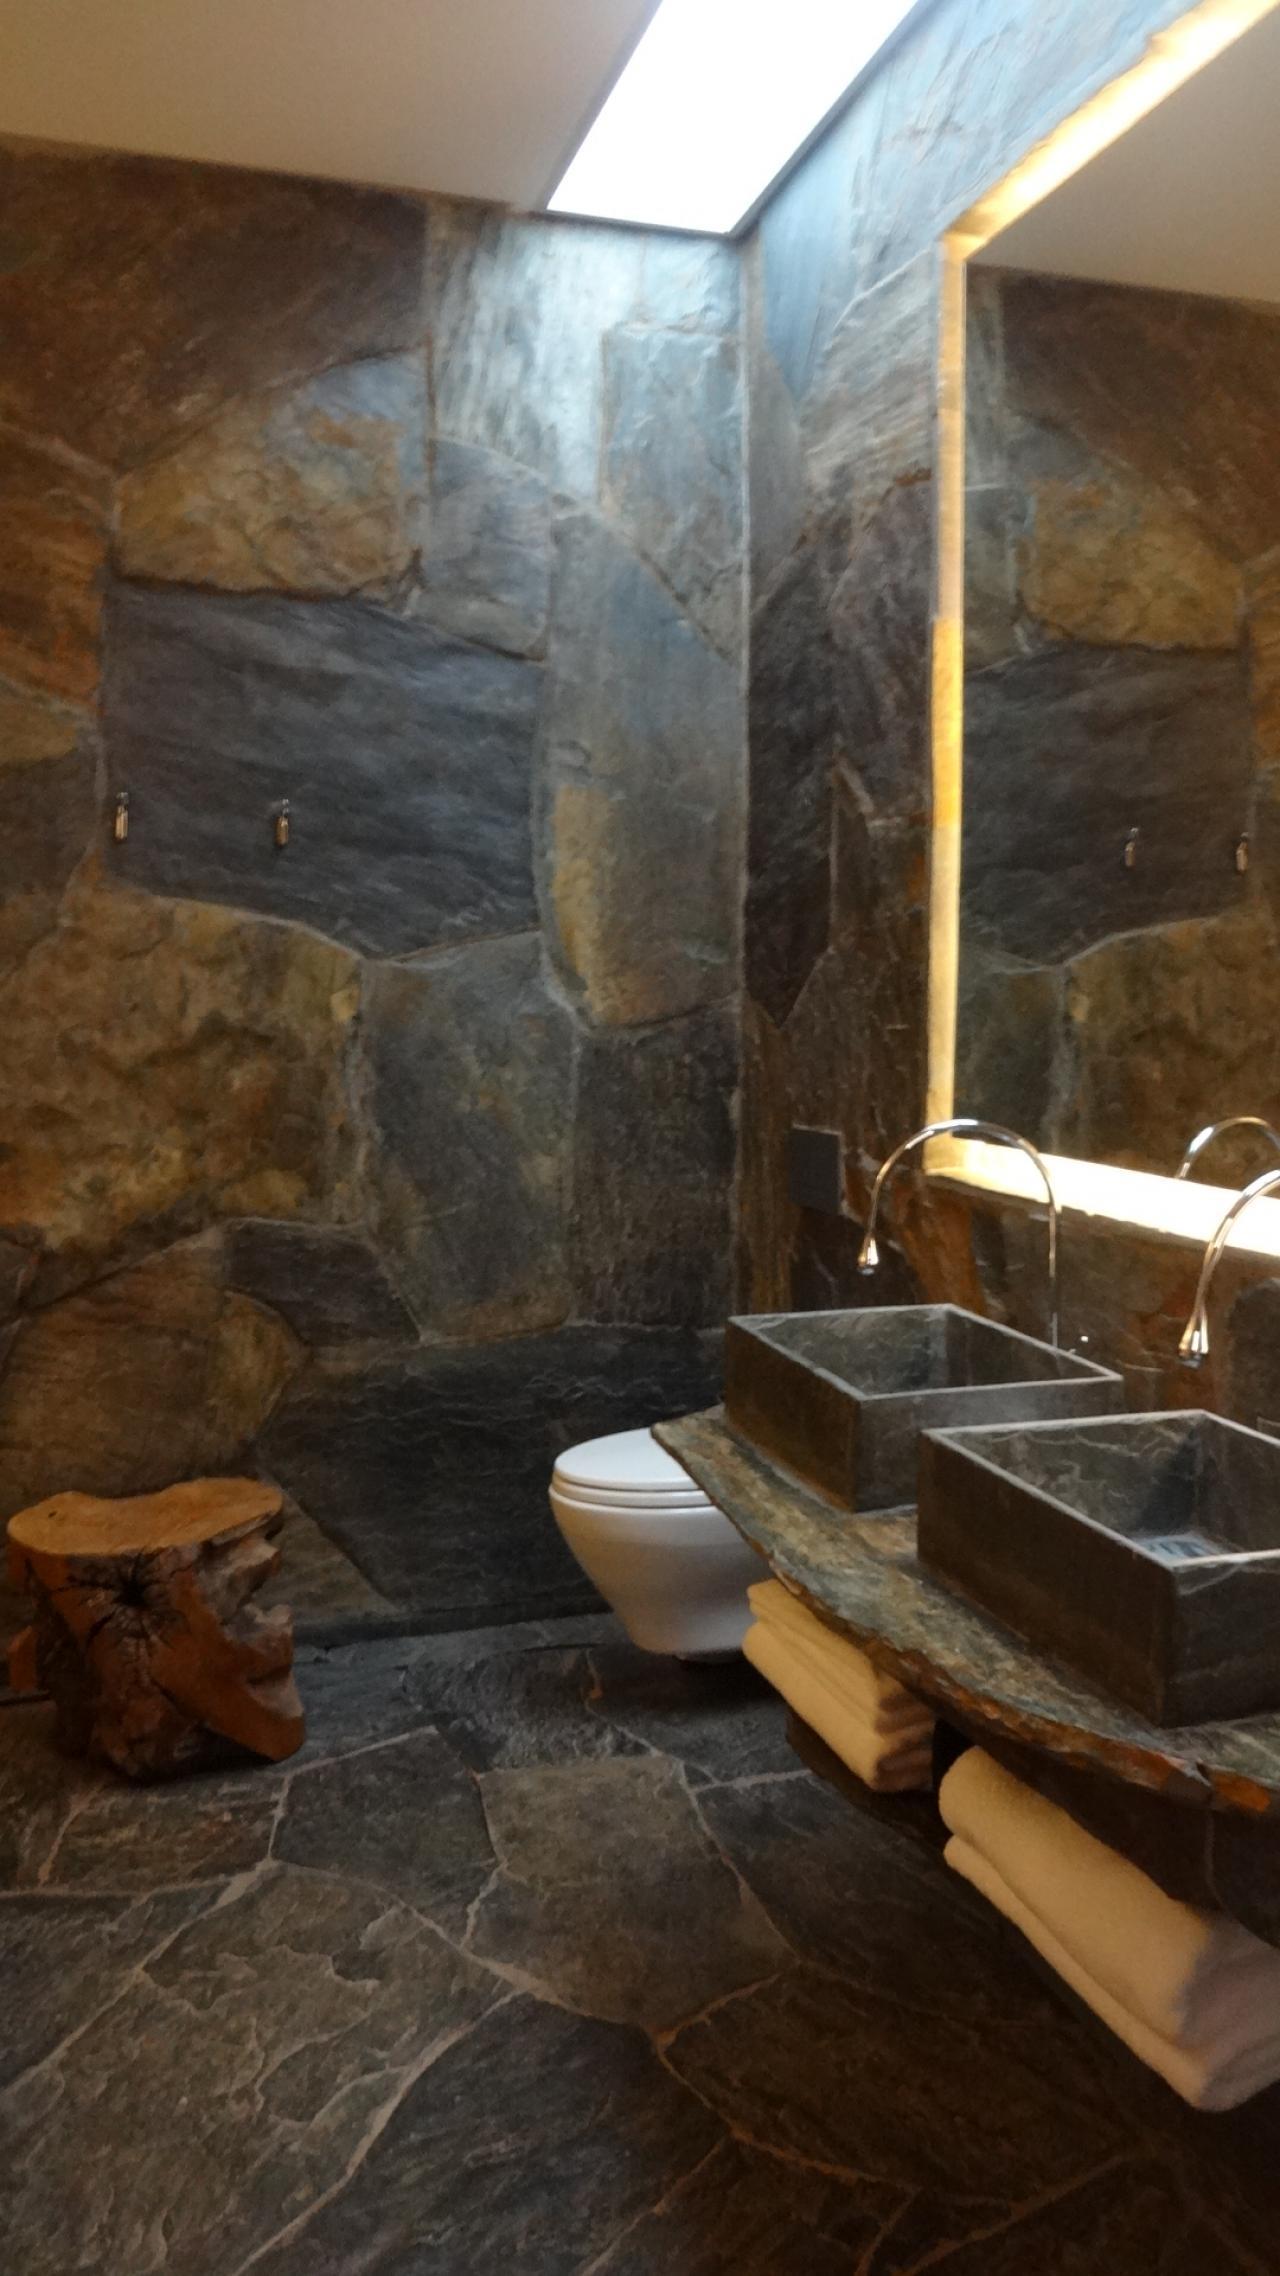 Ba os decorados con piedra laja cvillebgclub for Banos decorados con piedra